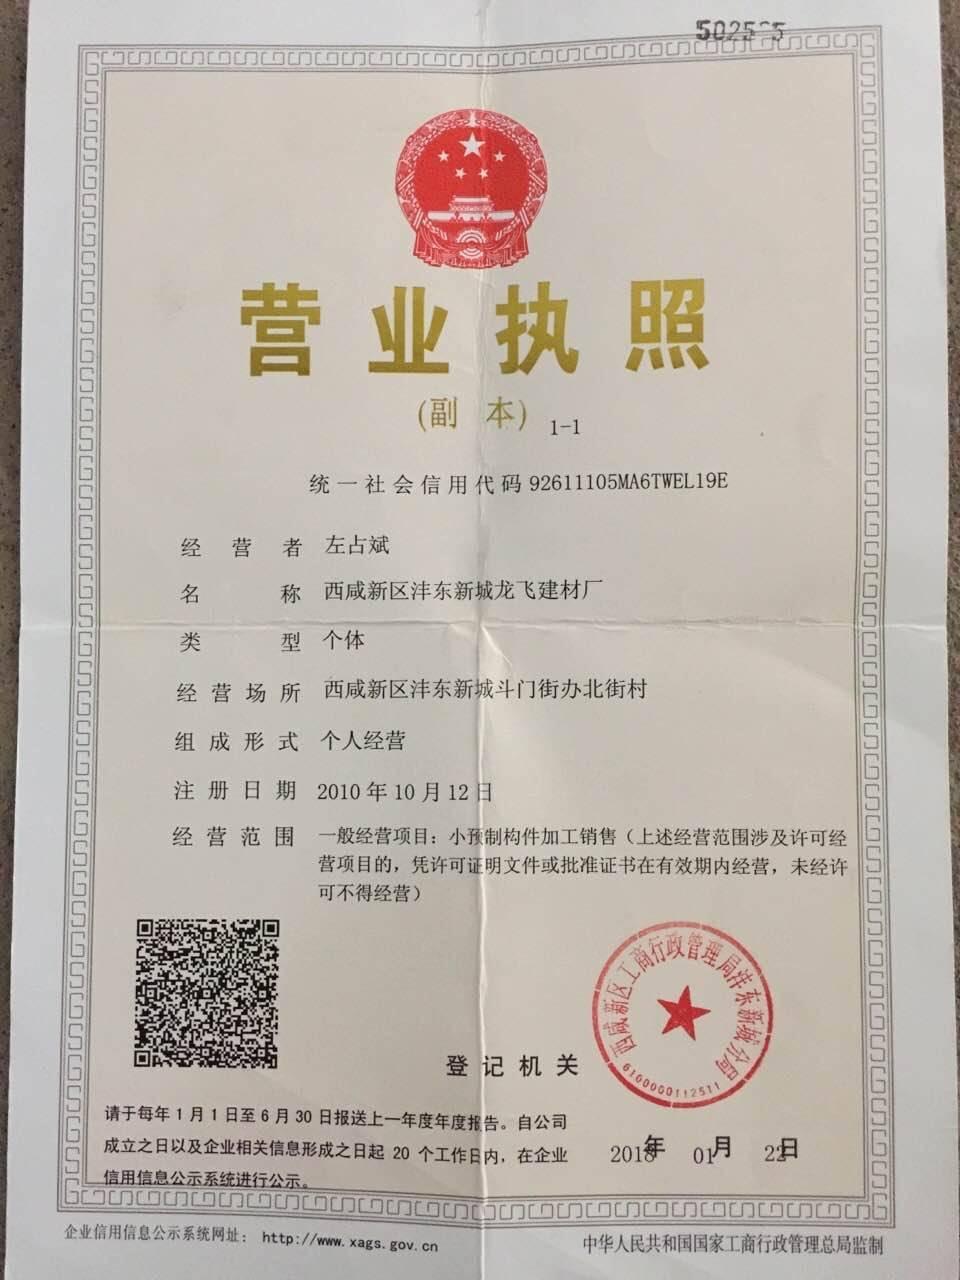 龙飞建材厂营业执照